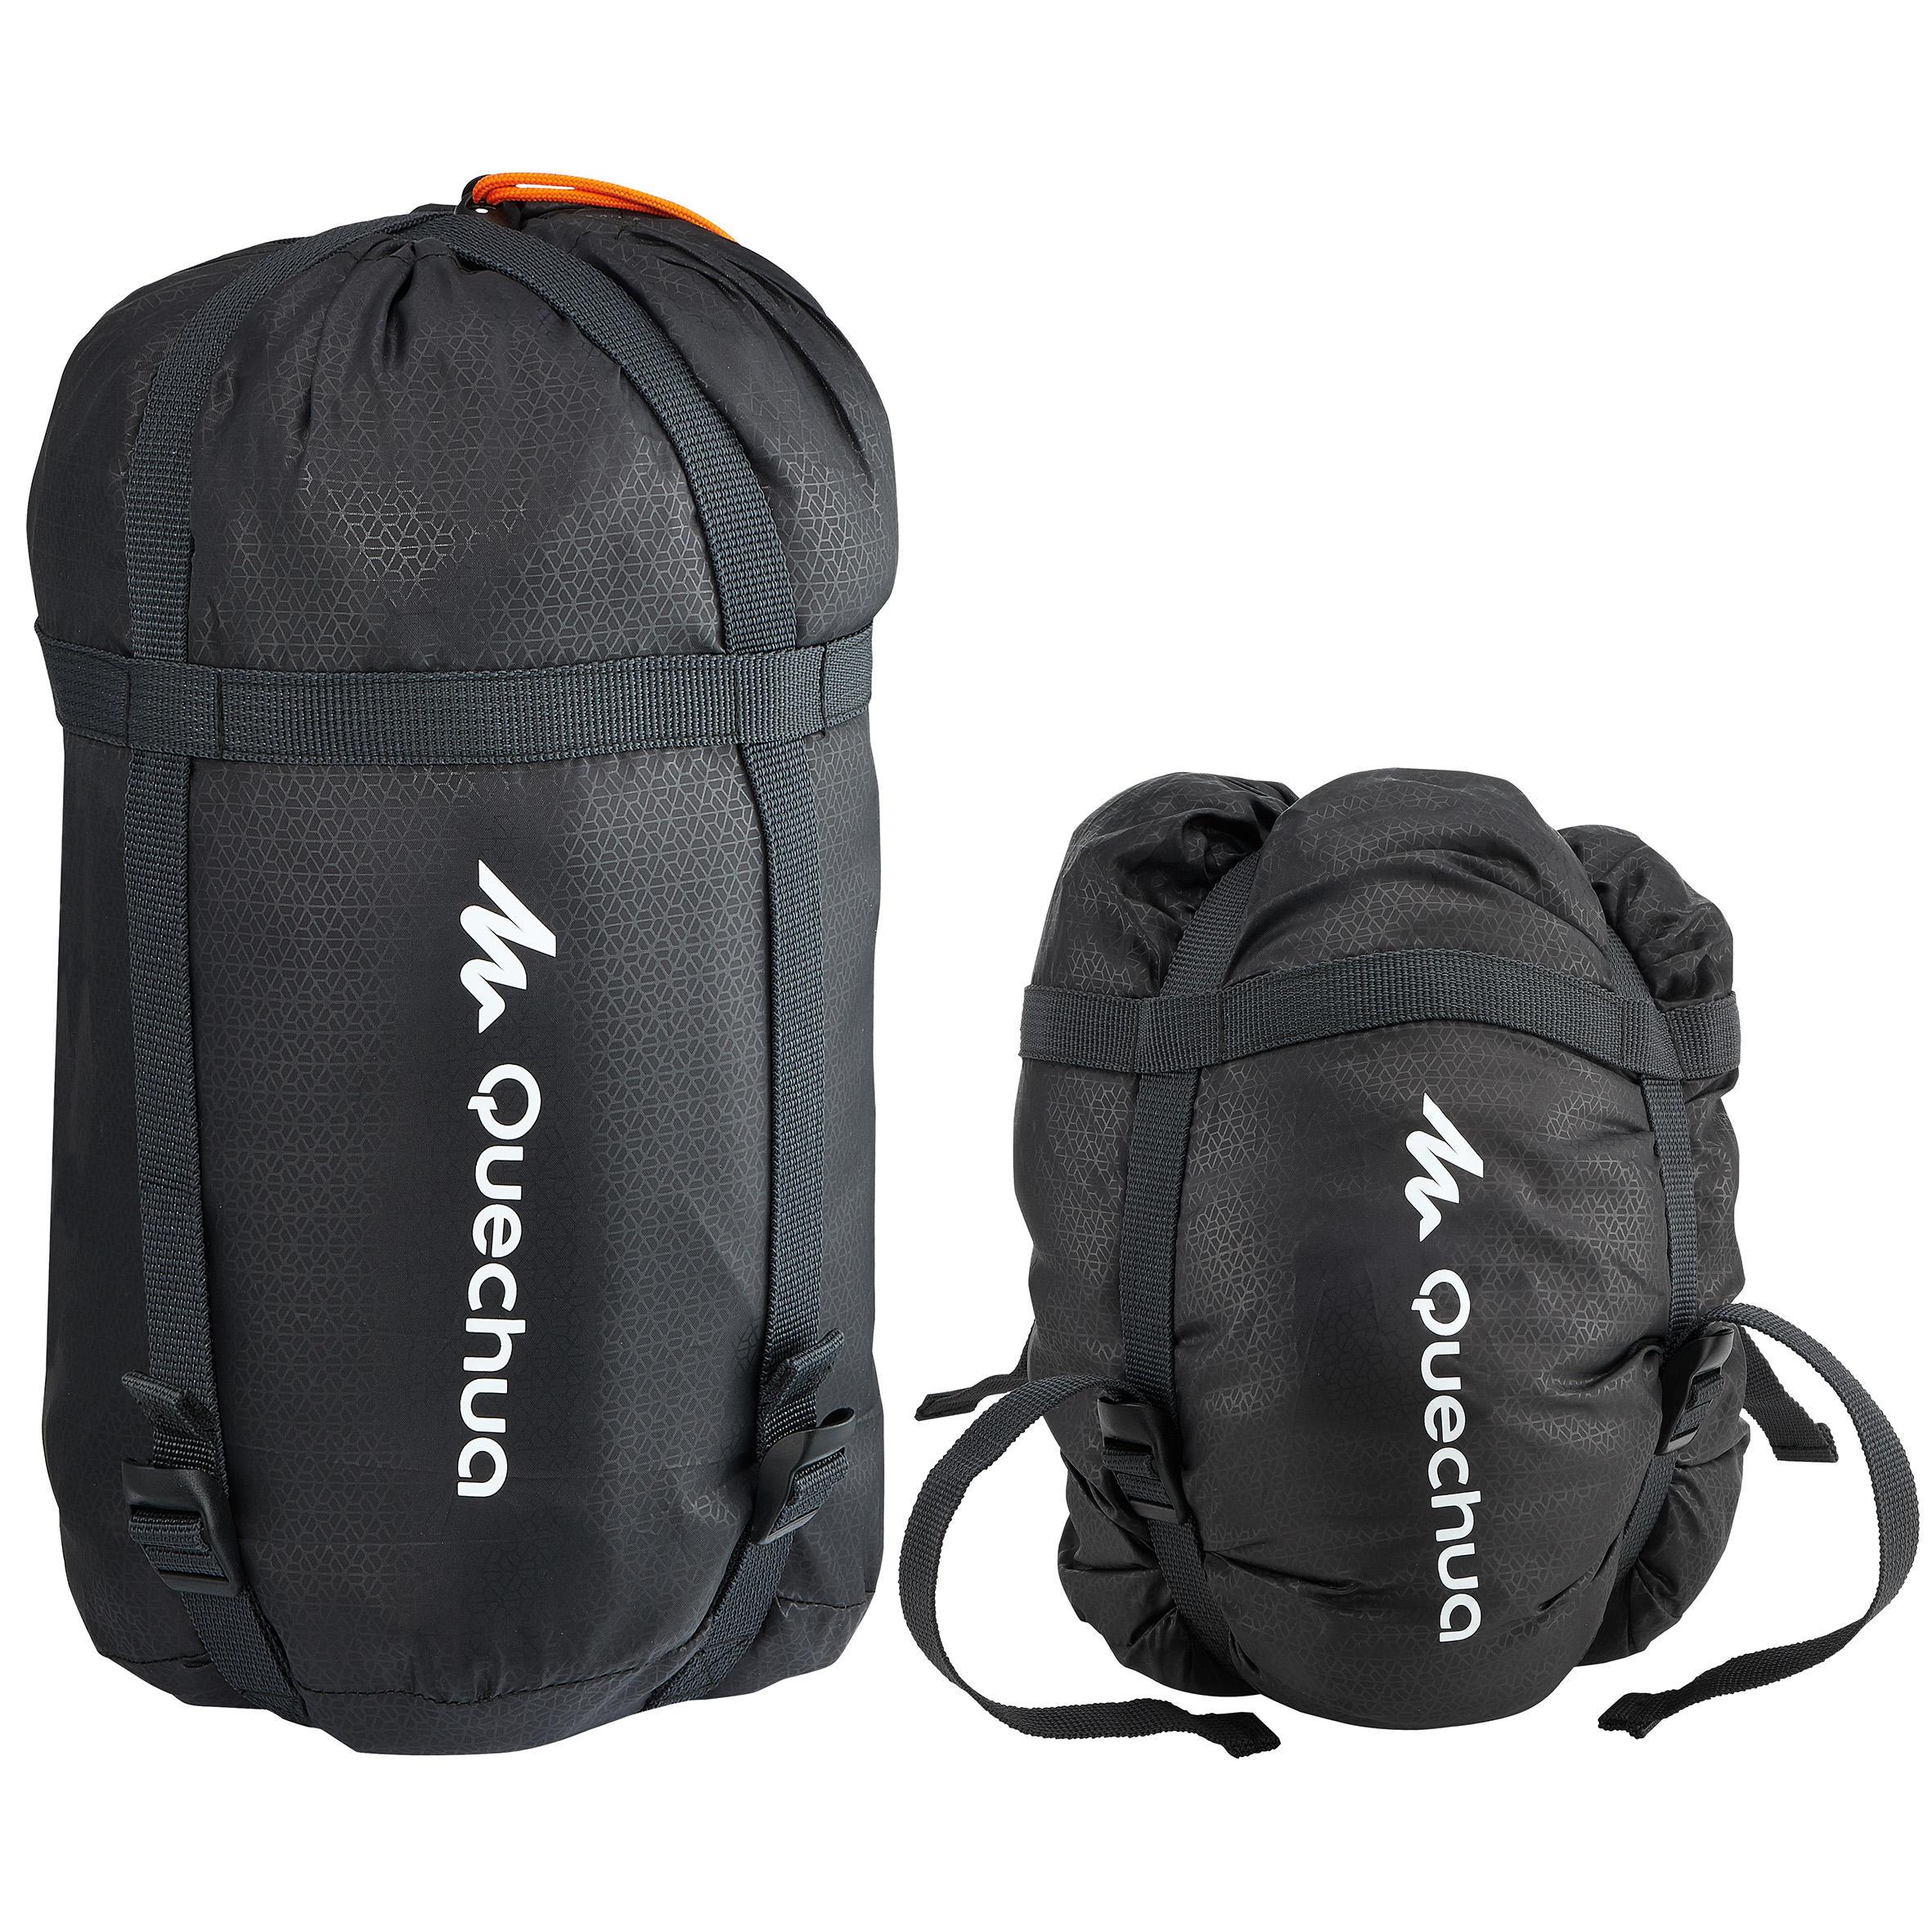 Housse de compression de sac de couchage noire